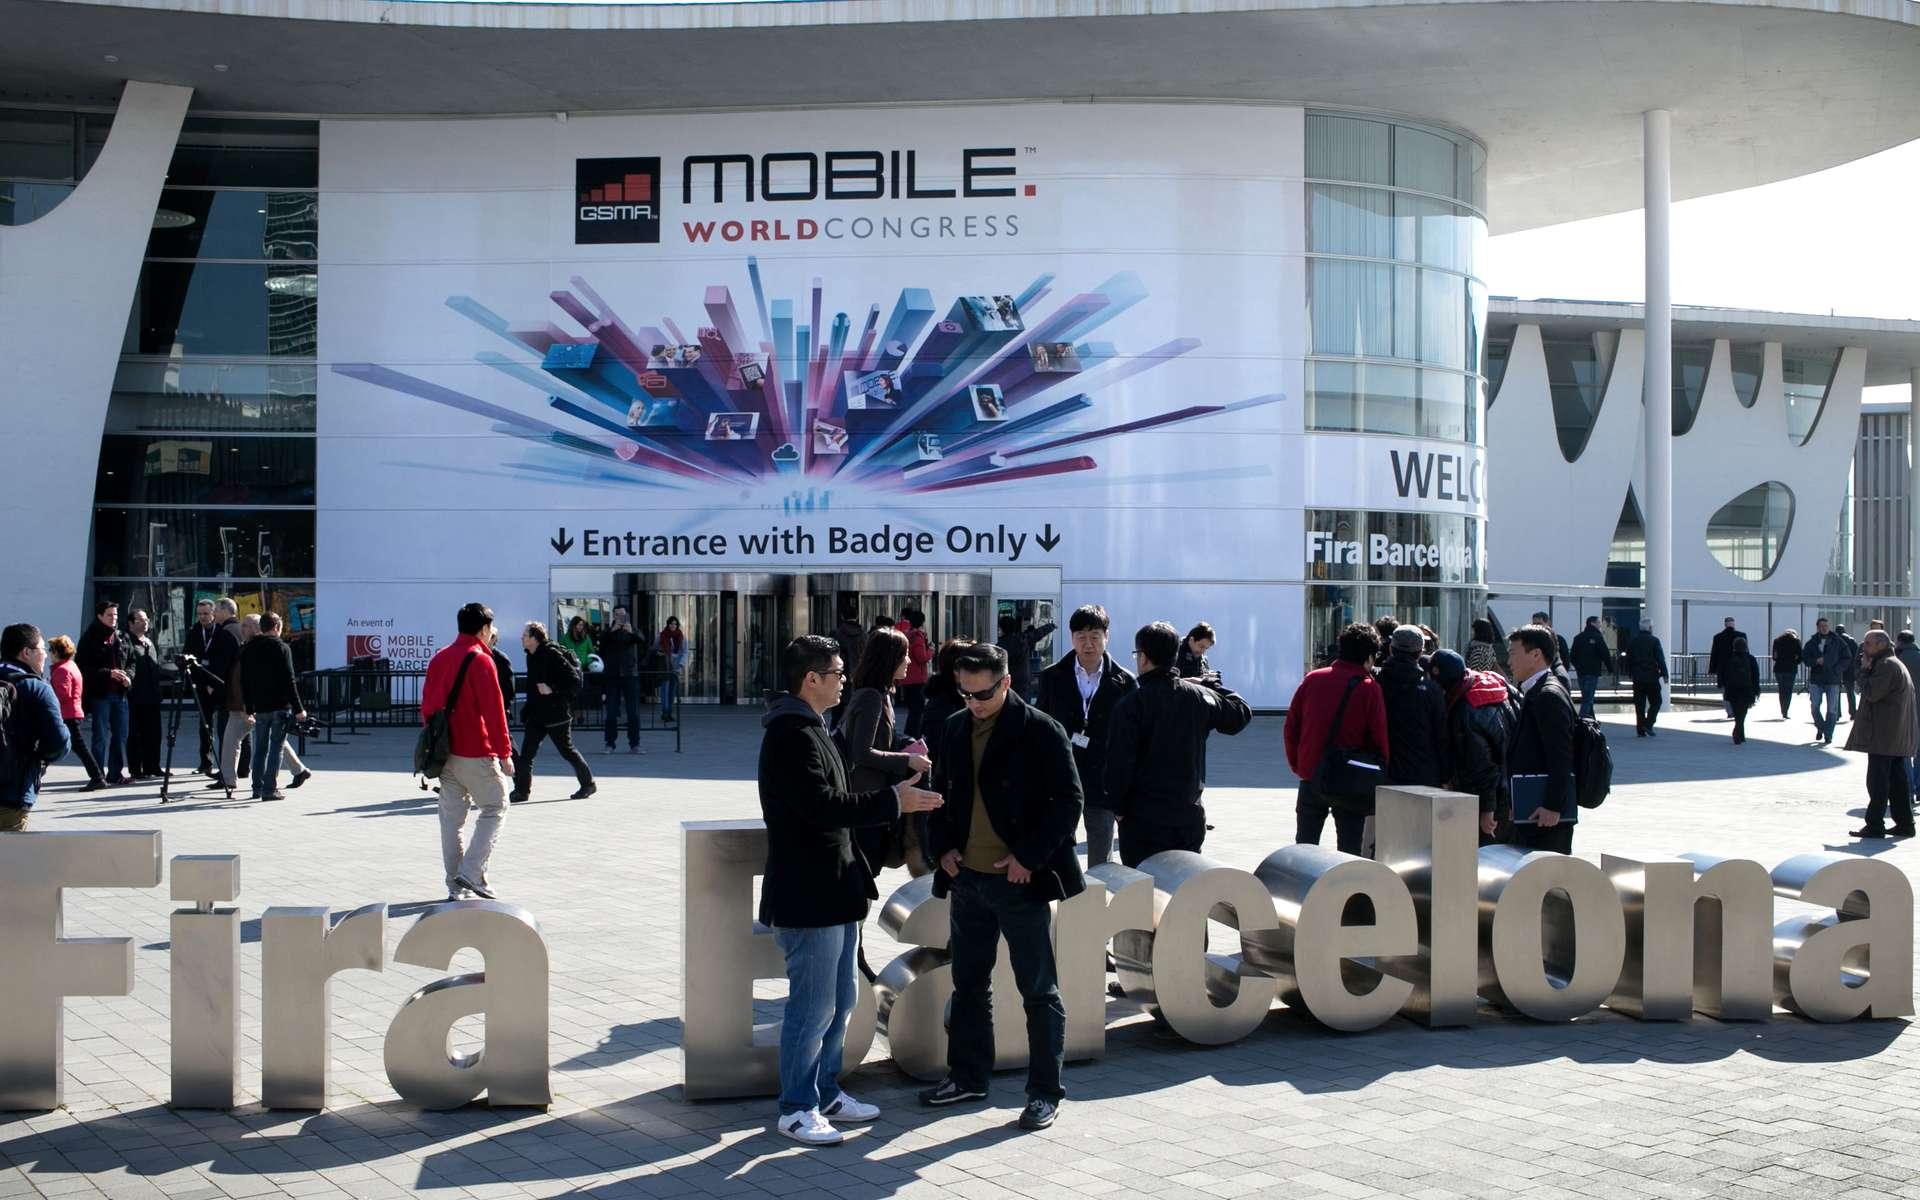 Le Mobile World Congress 2014 ouvre ses portes le 24 février, avec son lot de nouveautés. © mozillaeu, Flickr, cc by 2.0